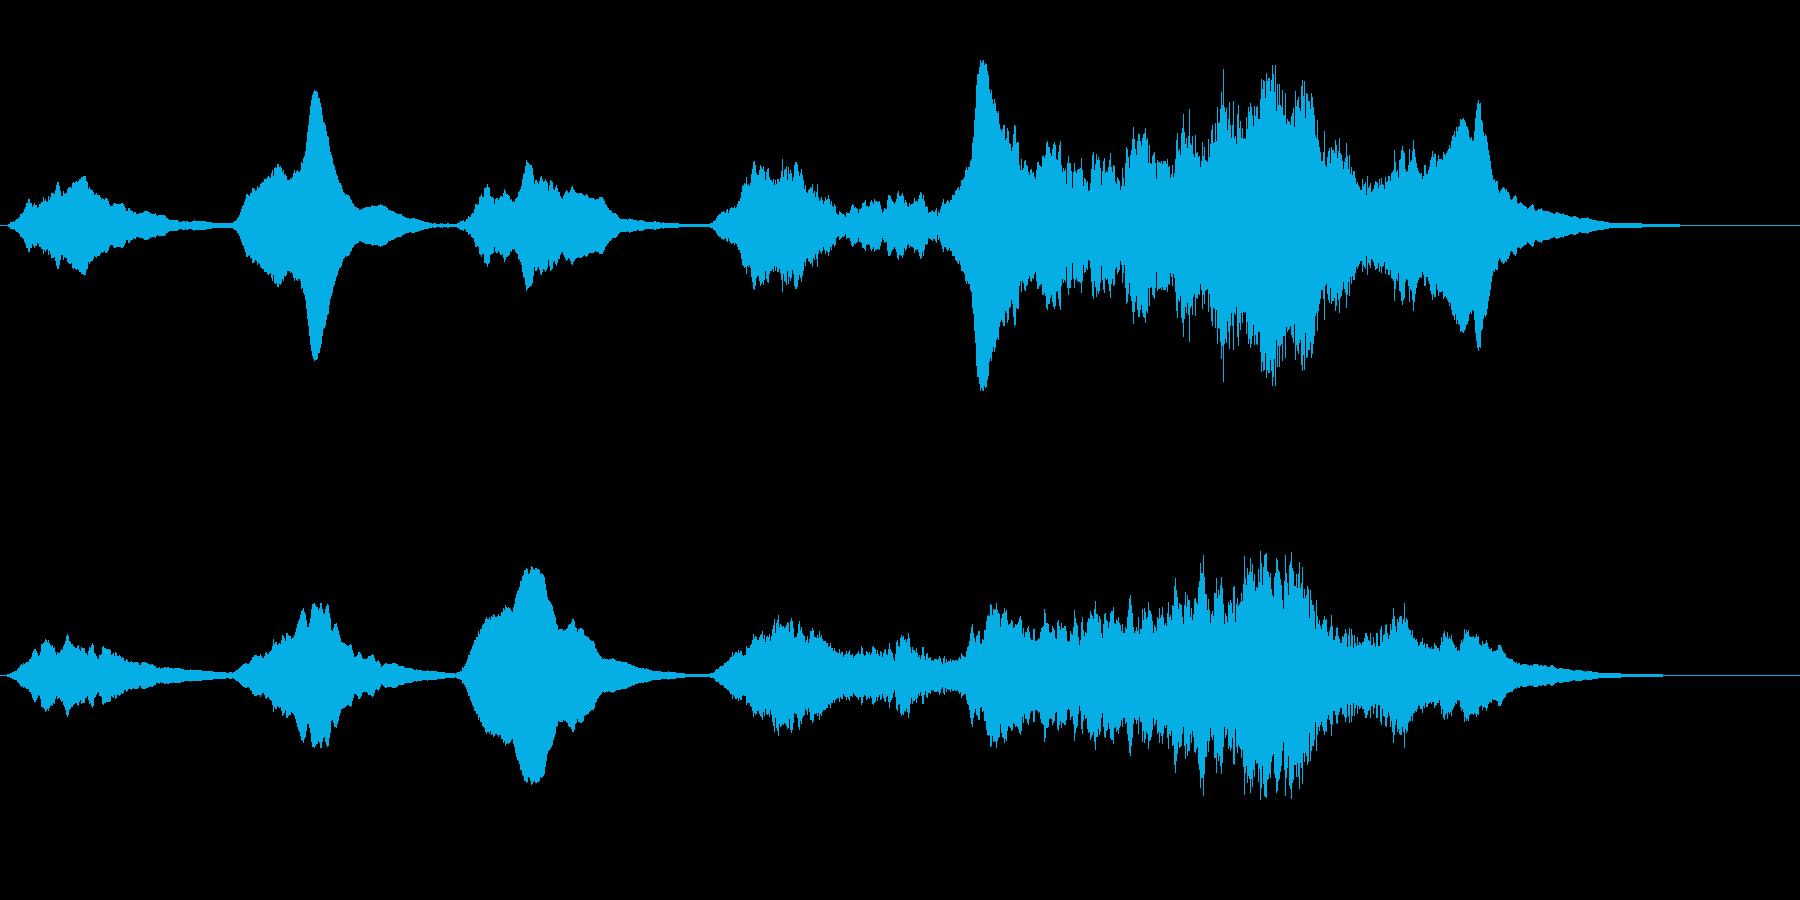 劇伴 不安を掻き立てる弦楽器アンビエントの再生済みの波形